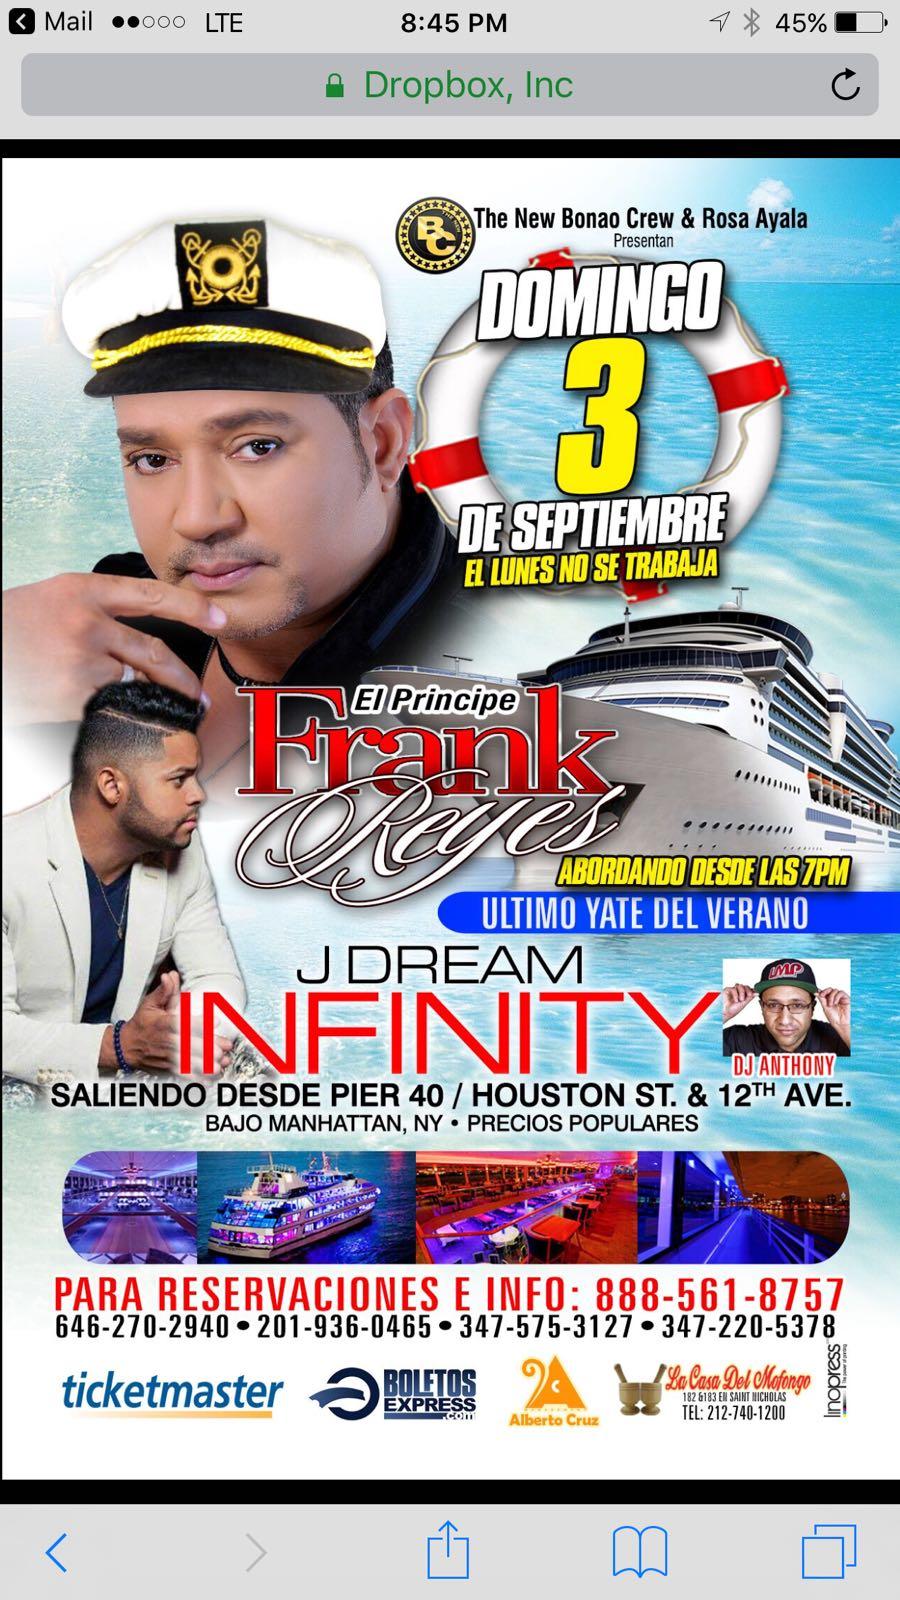 FRANK REYES EN EL INFINITY EL YATE MAS LUJOSO DE NEW YORK